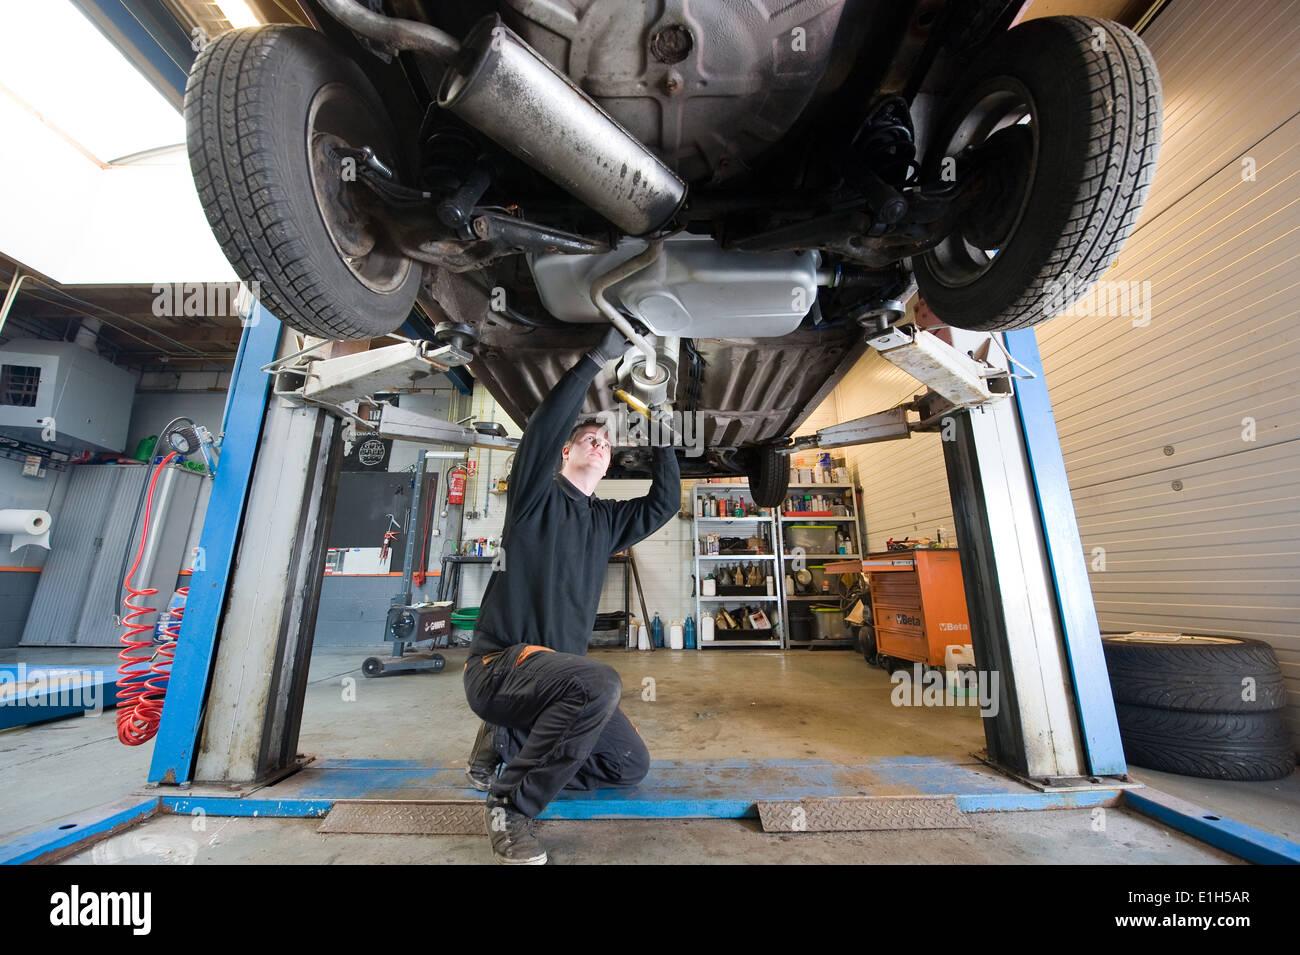 Un meccanico è controllo dello scarico di una vettura che è sollevata in una riparazione alla stazione di servizio. Immagini Stock